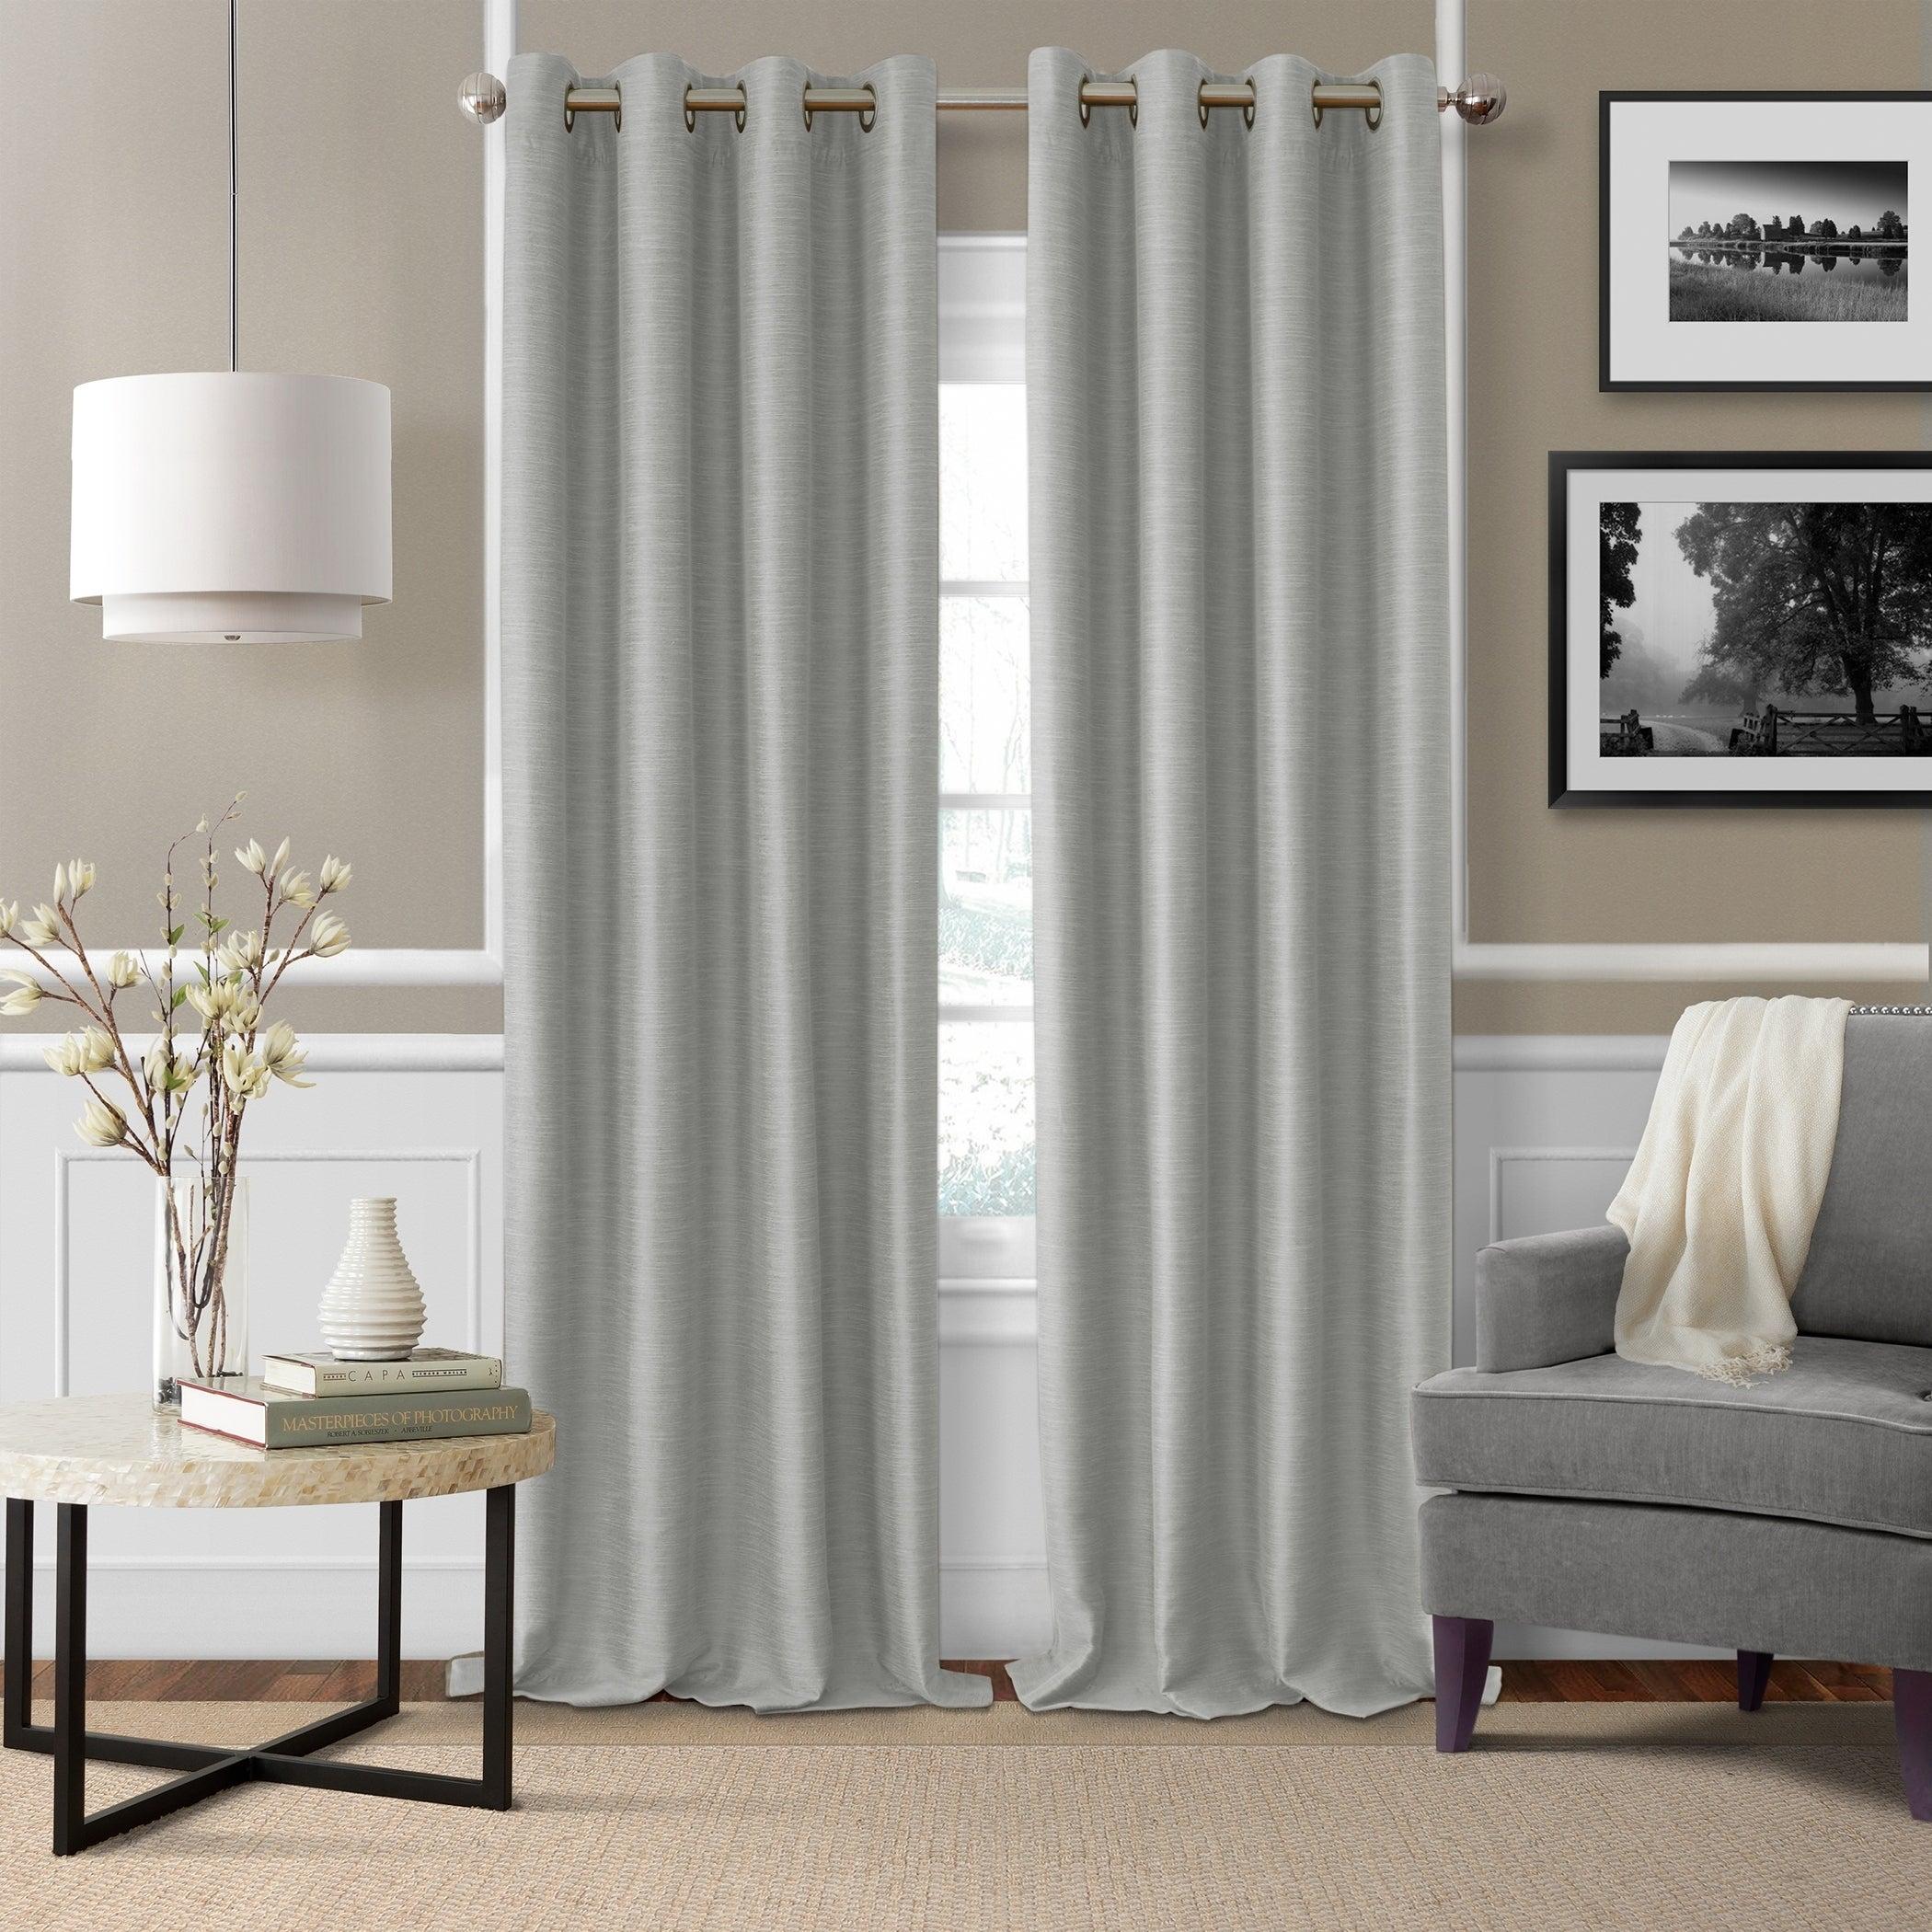 Elrene Brooke Blackout Window Curtain Panel In All Seasons Blackout Window Curtains (Image 12 of 20)